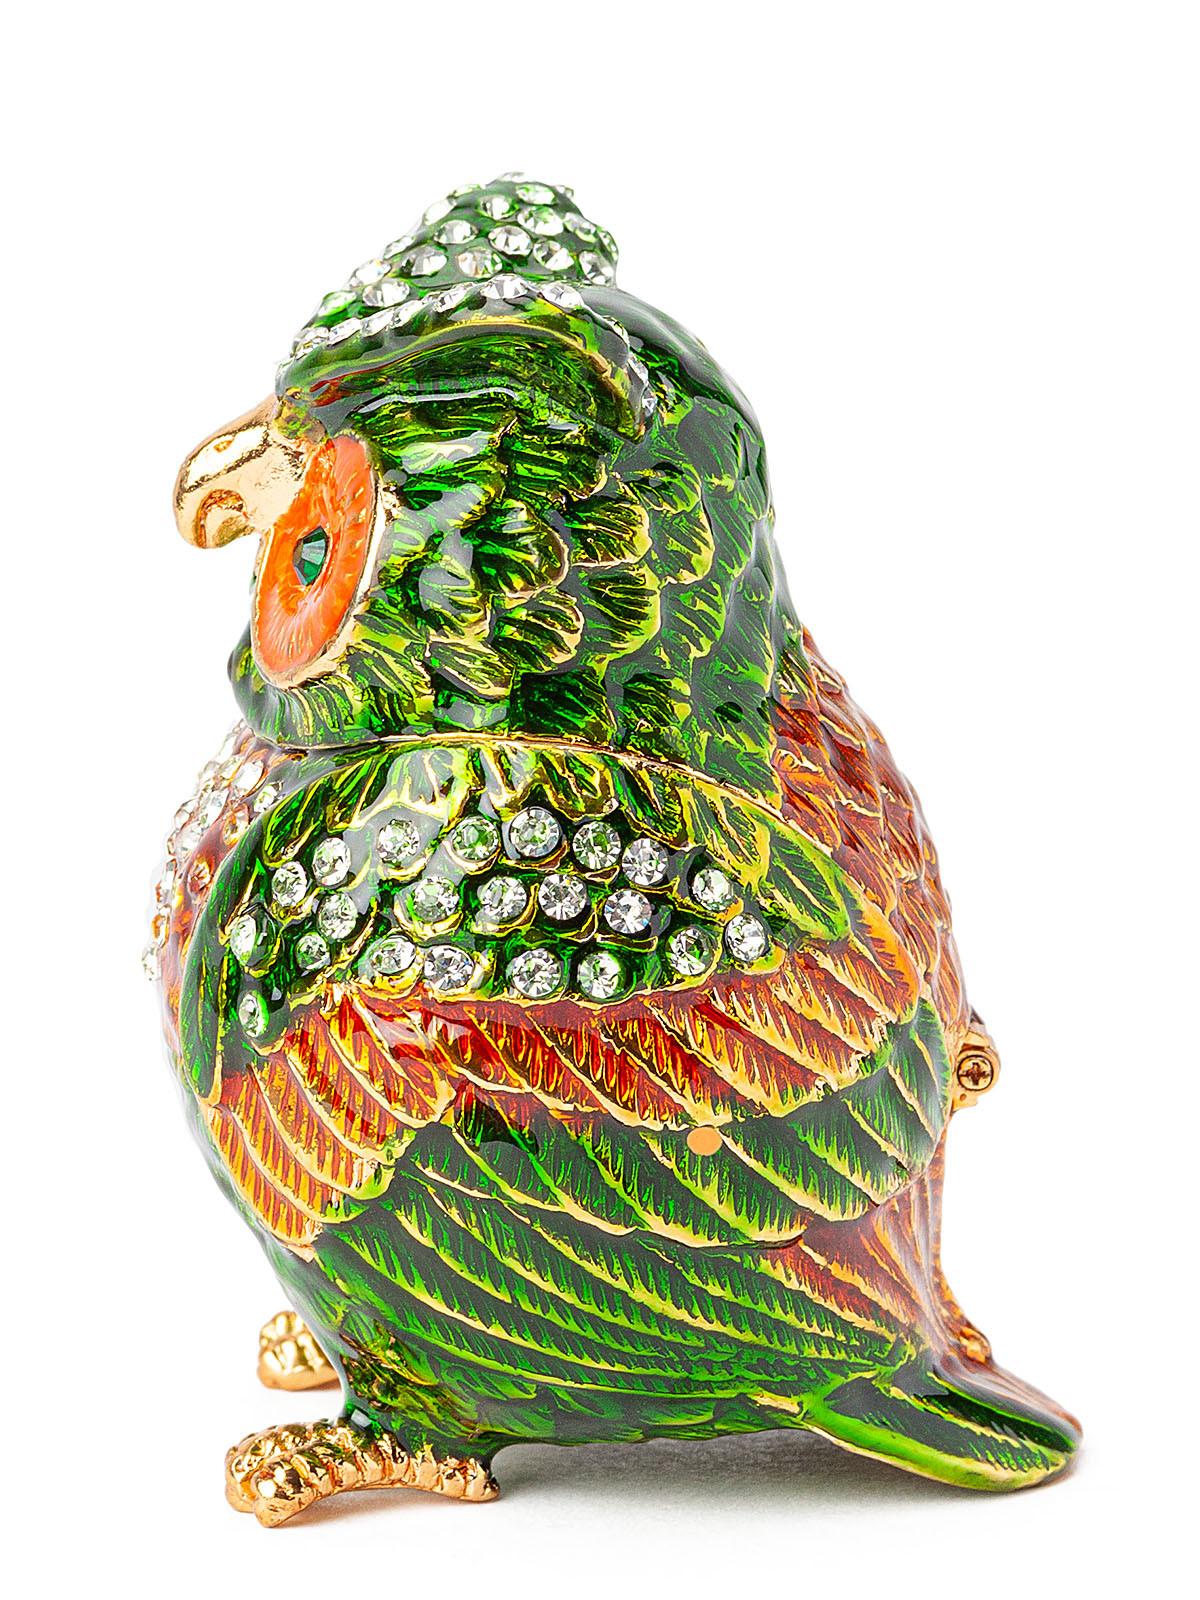 Шкатулка для украшений Сова S- 4779-003 зеленый